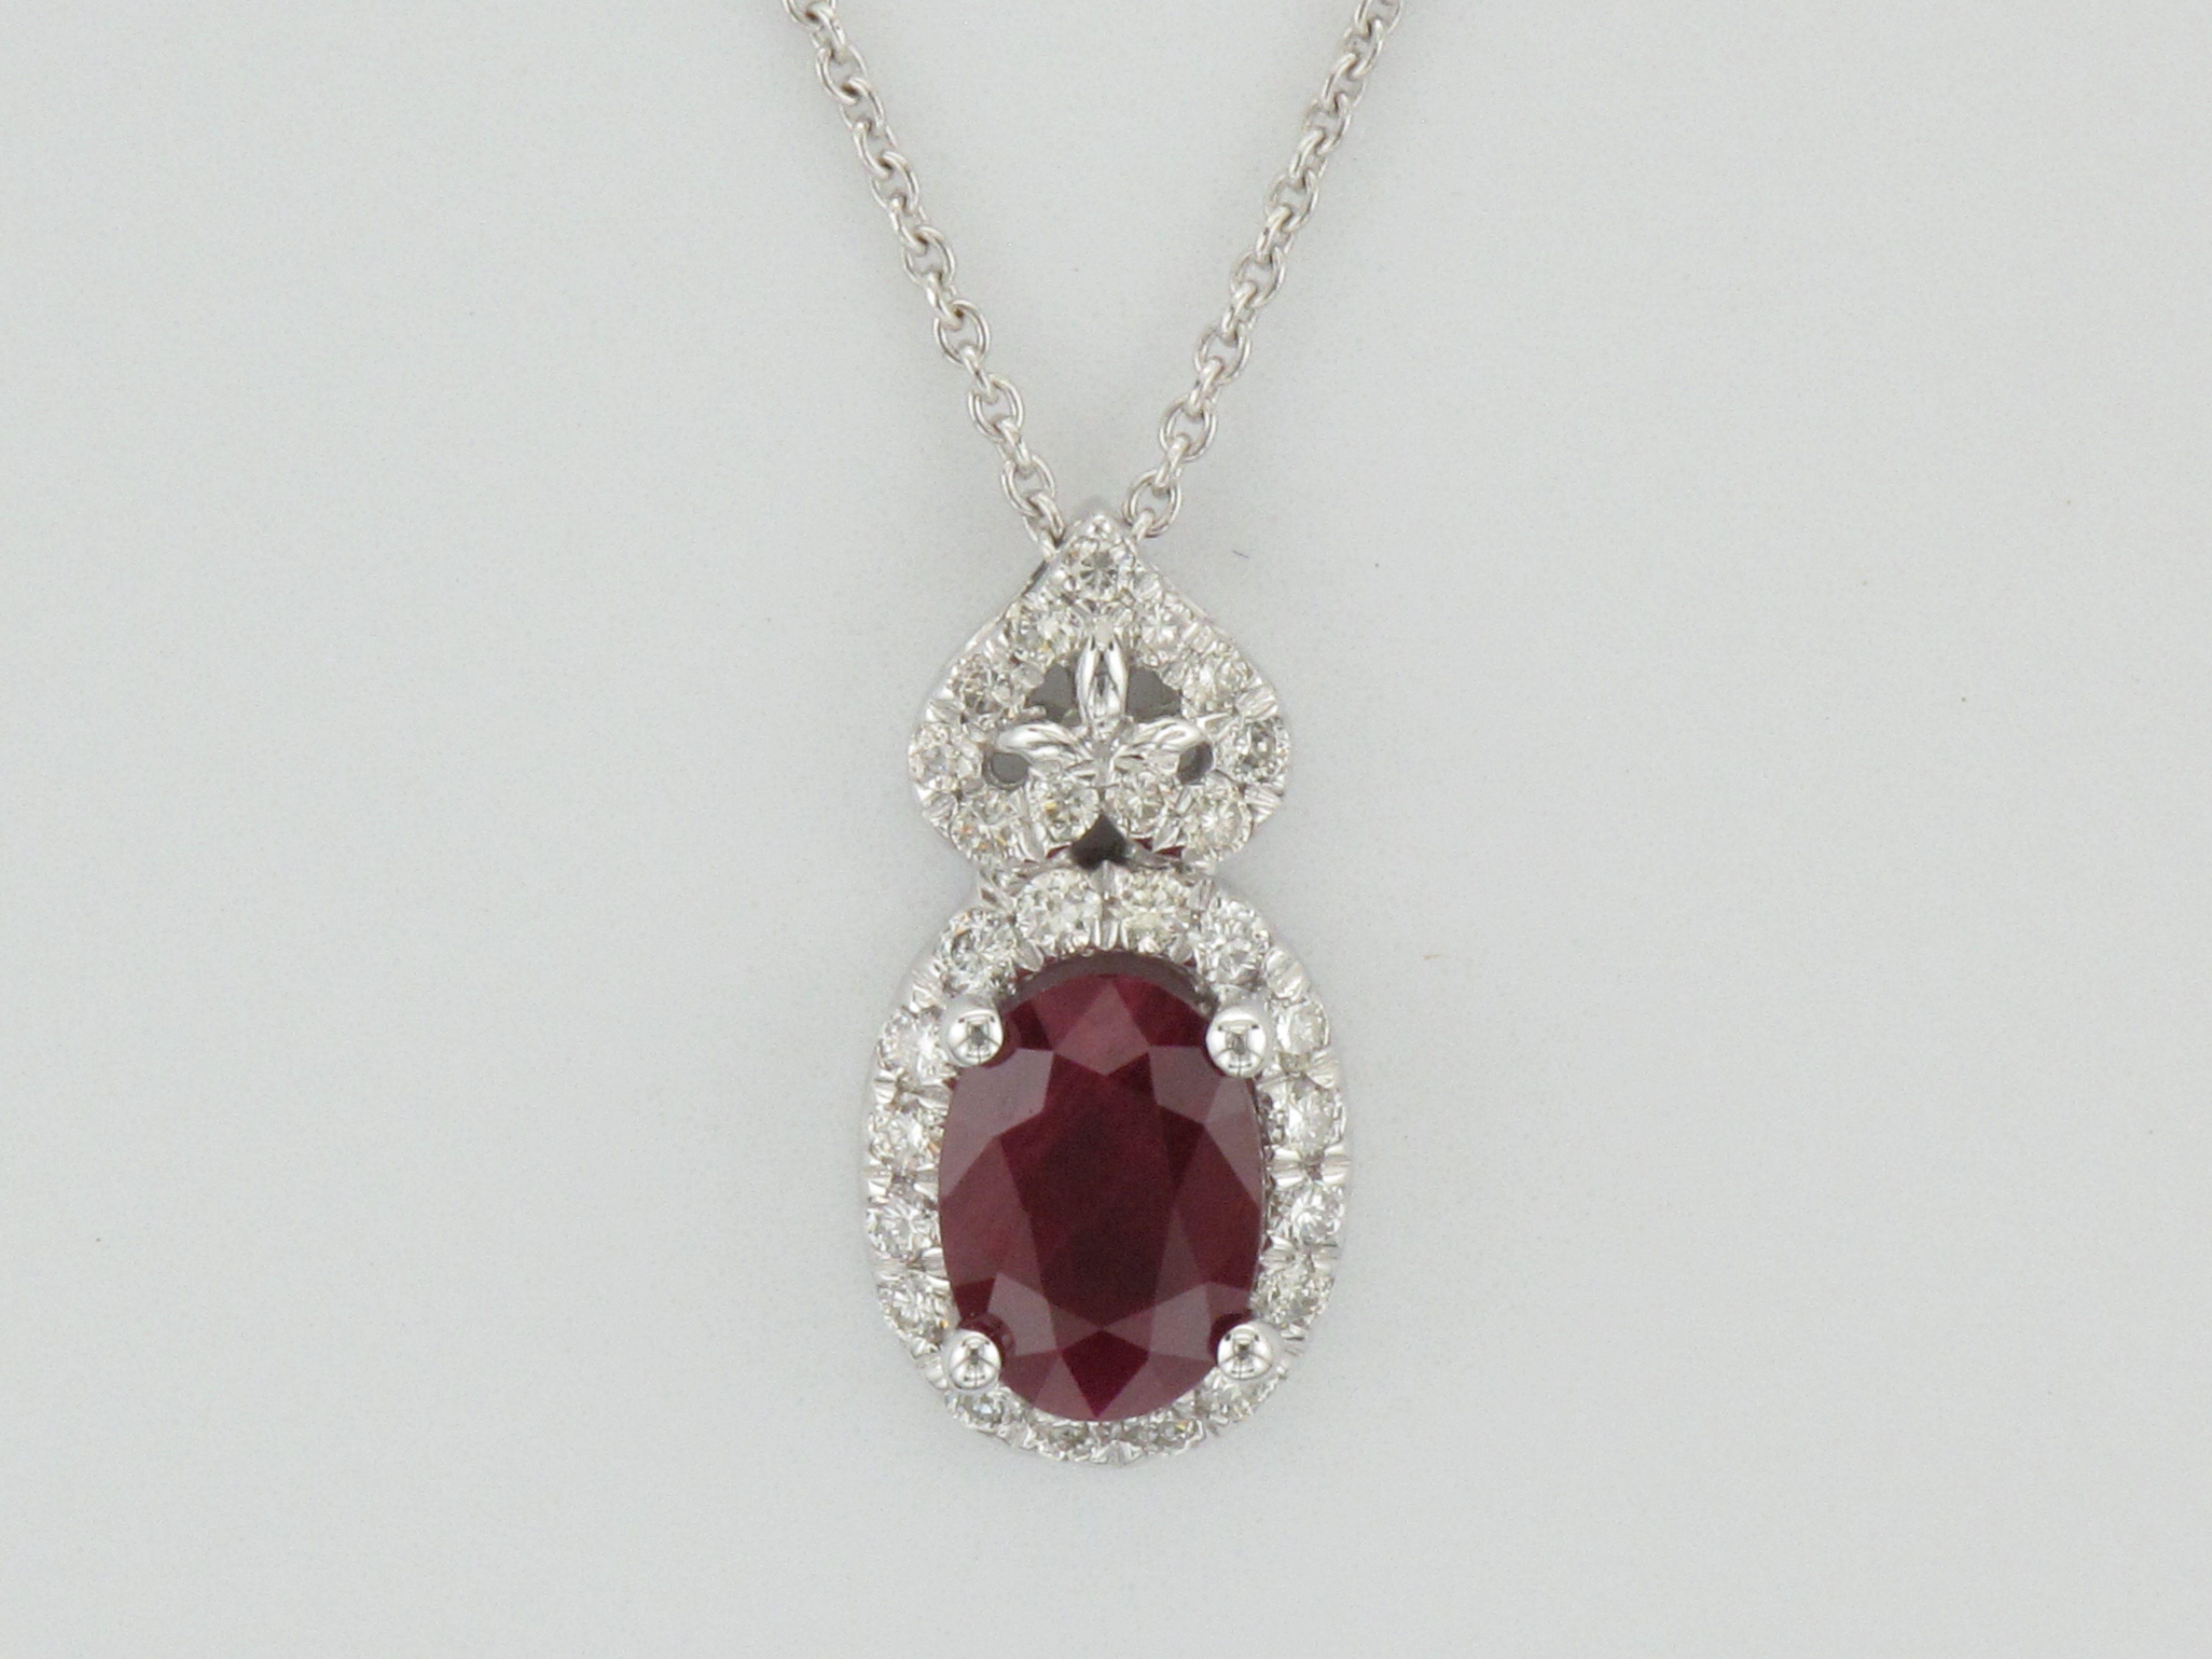 Pin by Farr's Jewelry on RUBIES Custom jewelry, Diamond